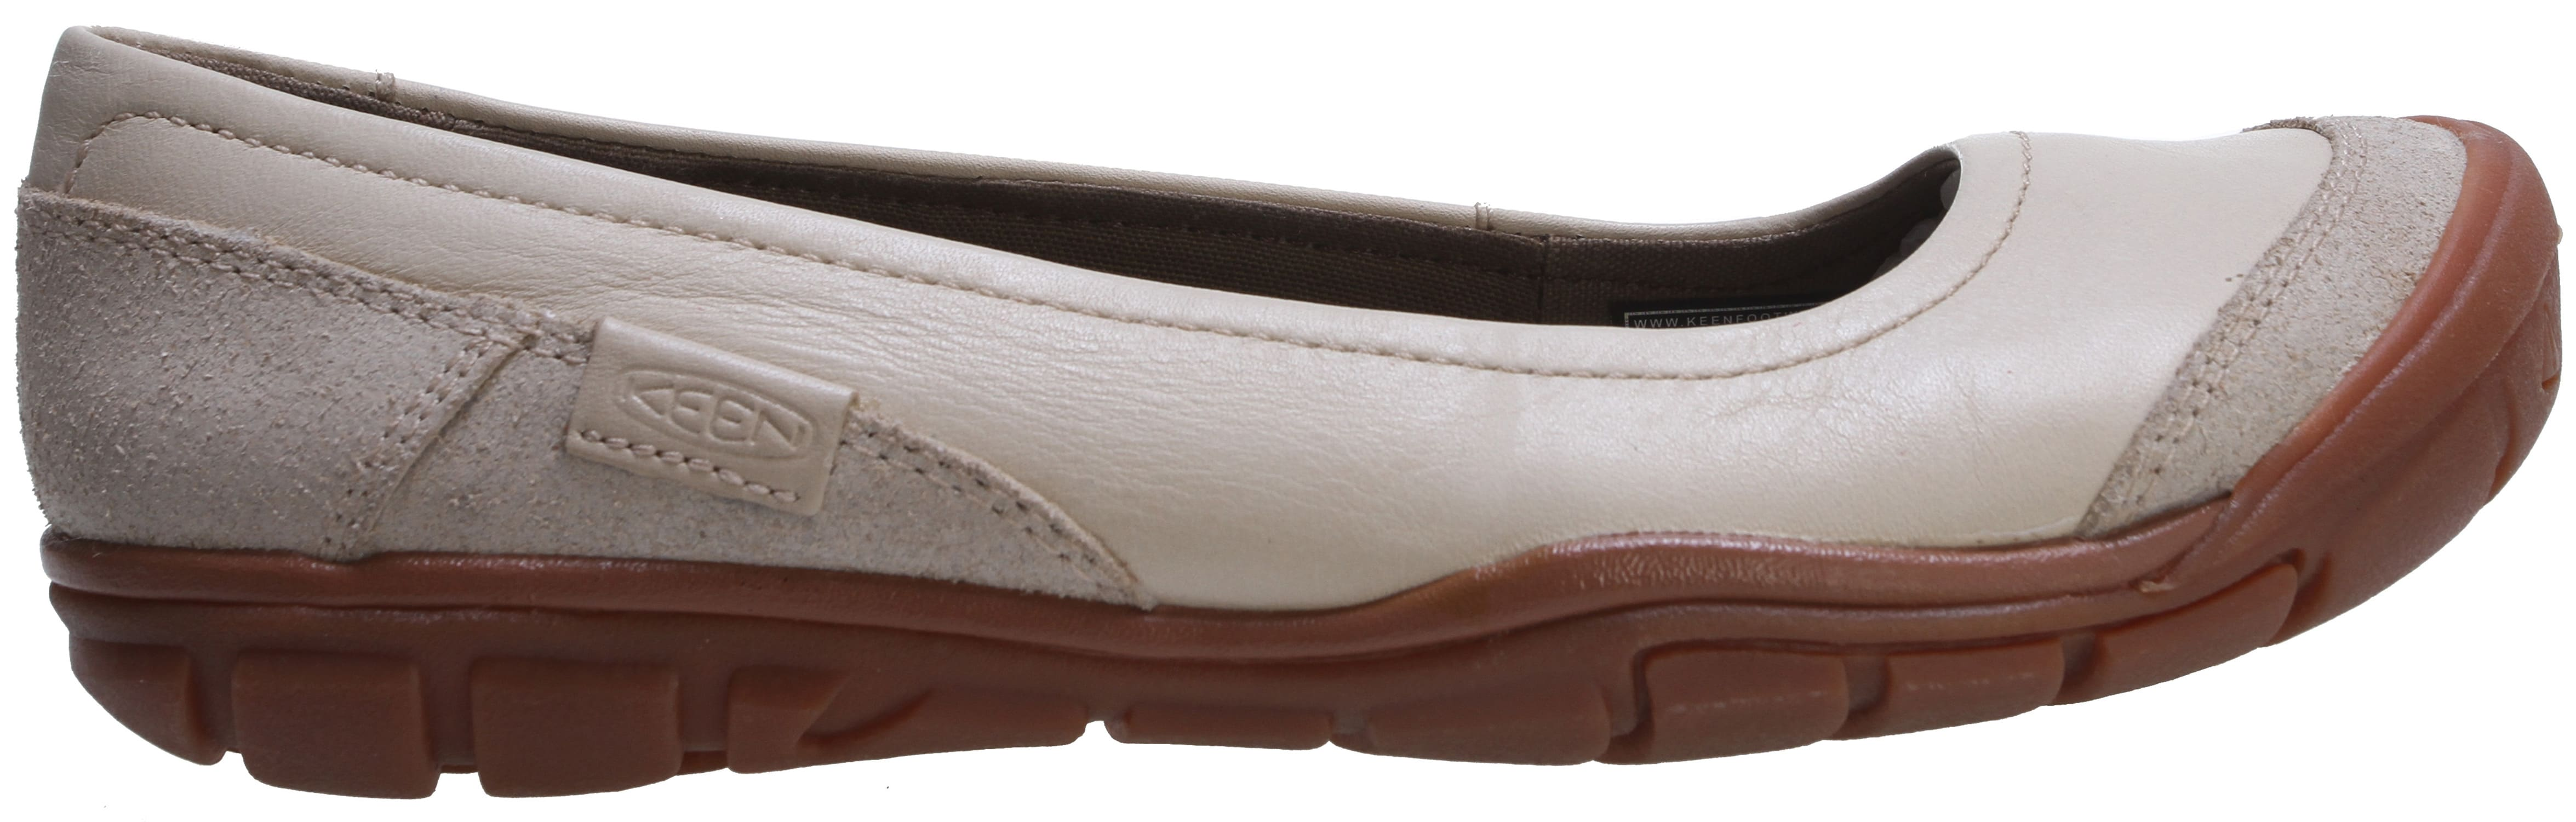 Keen Rivington Ballerina CNX Shoes - thumbnail 1